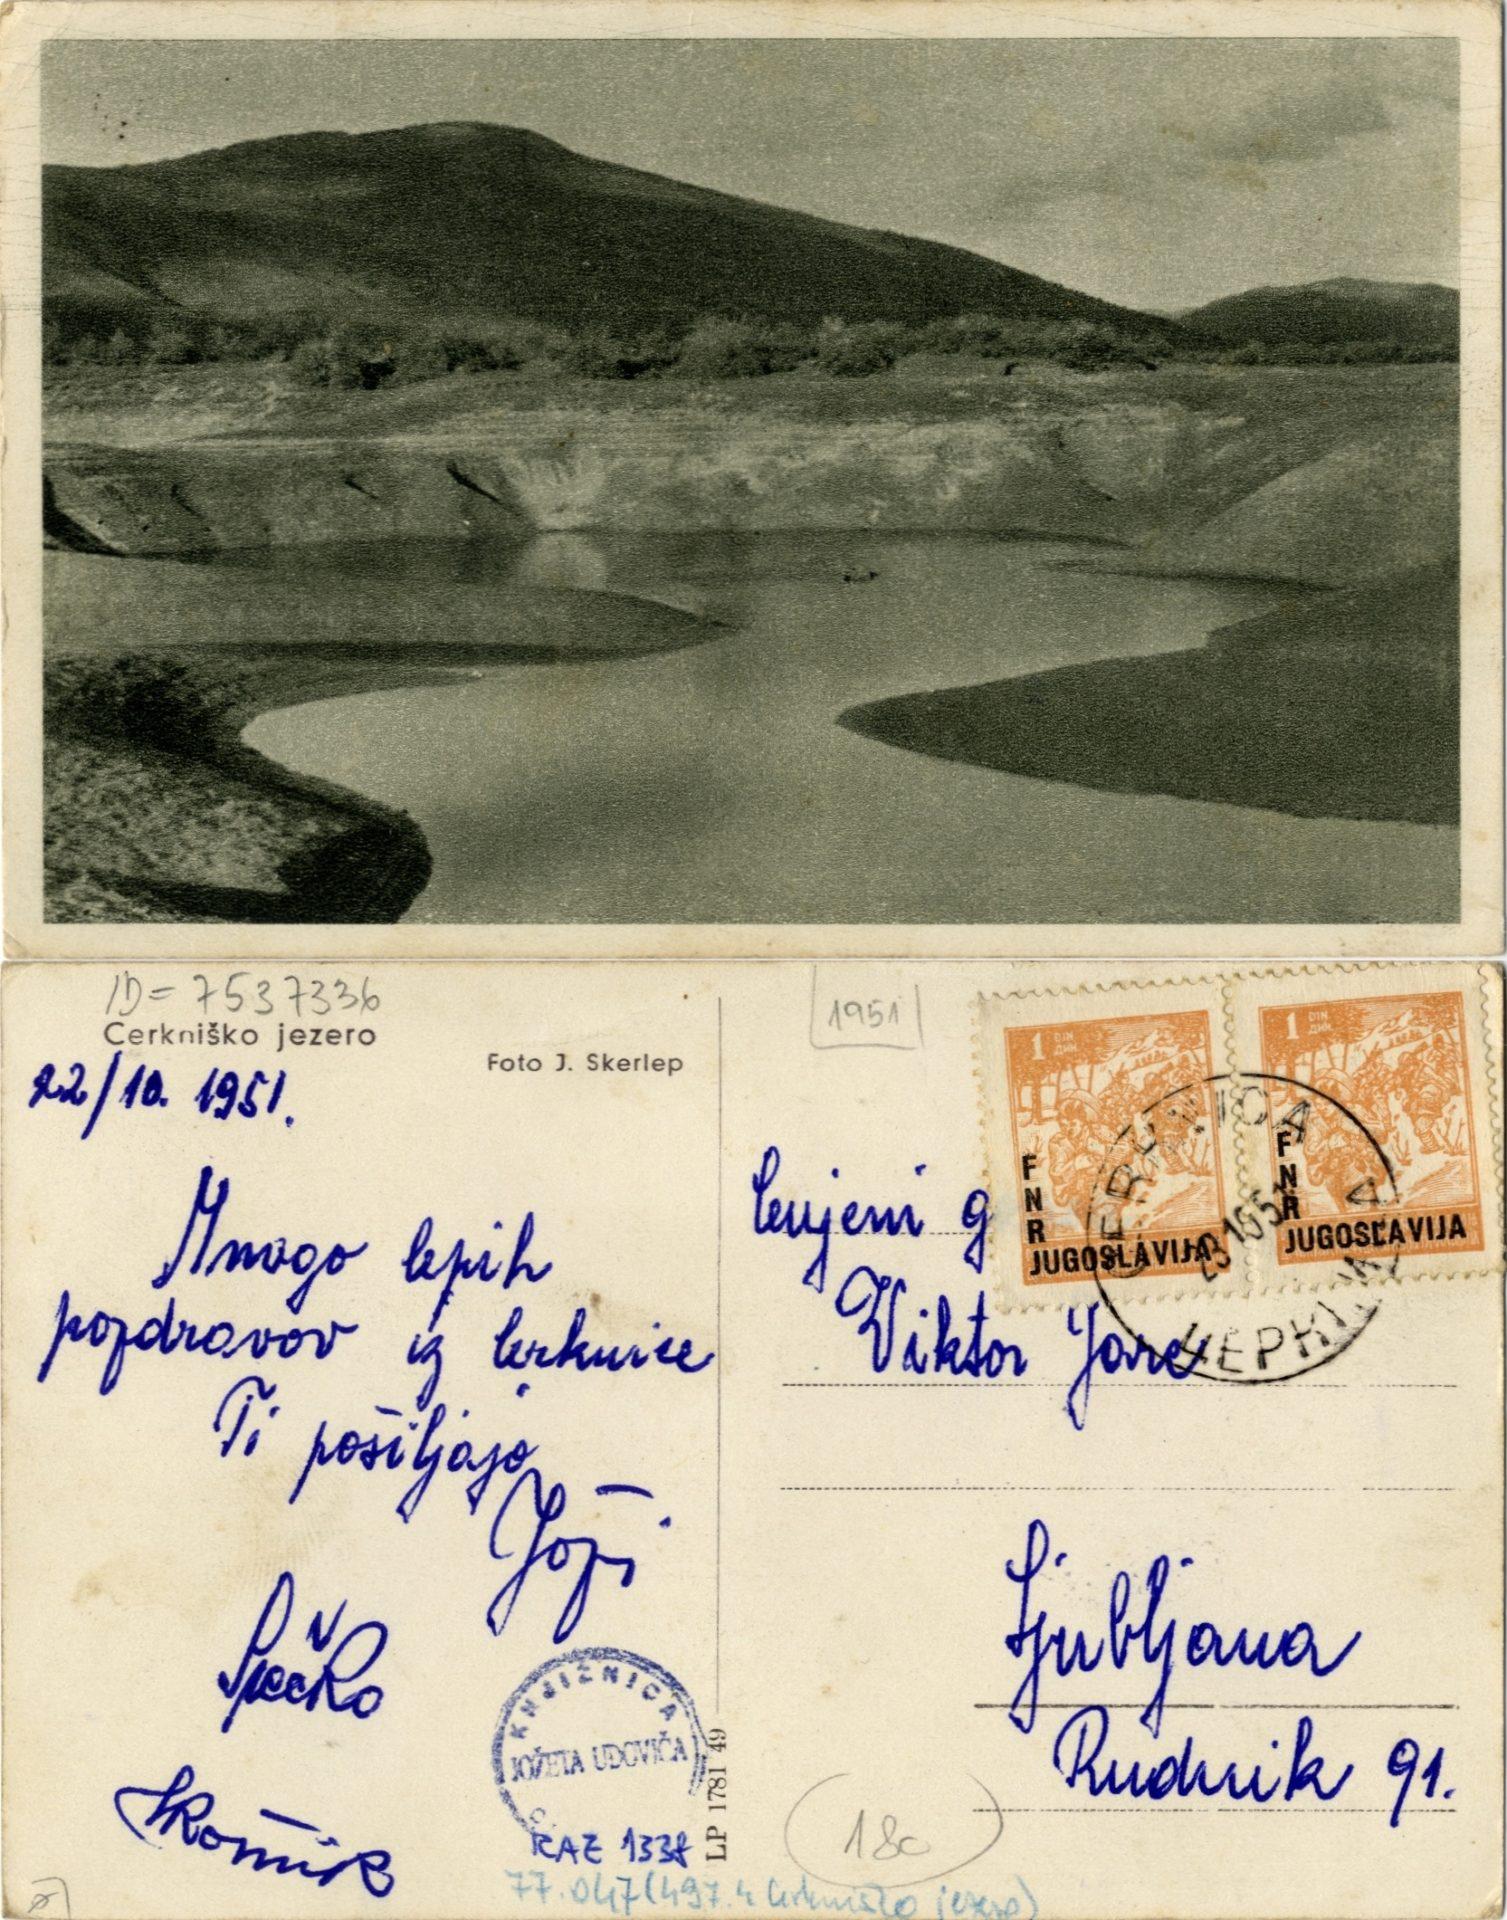 zlimano 23 - Cerkniško jezero